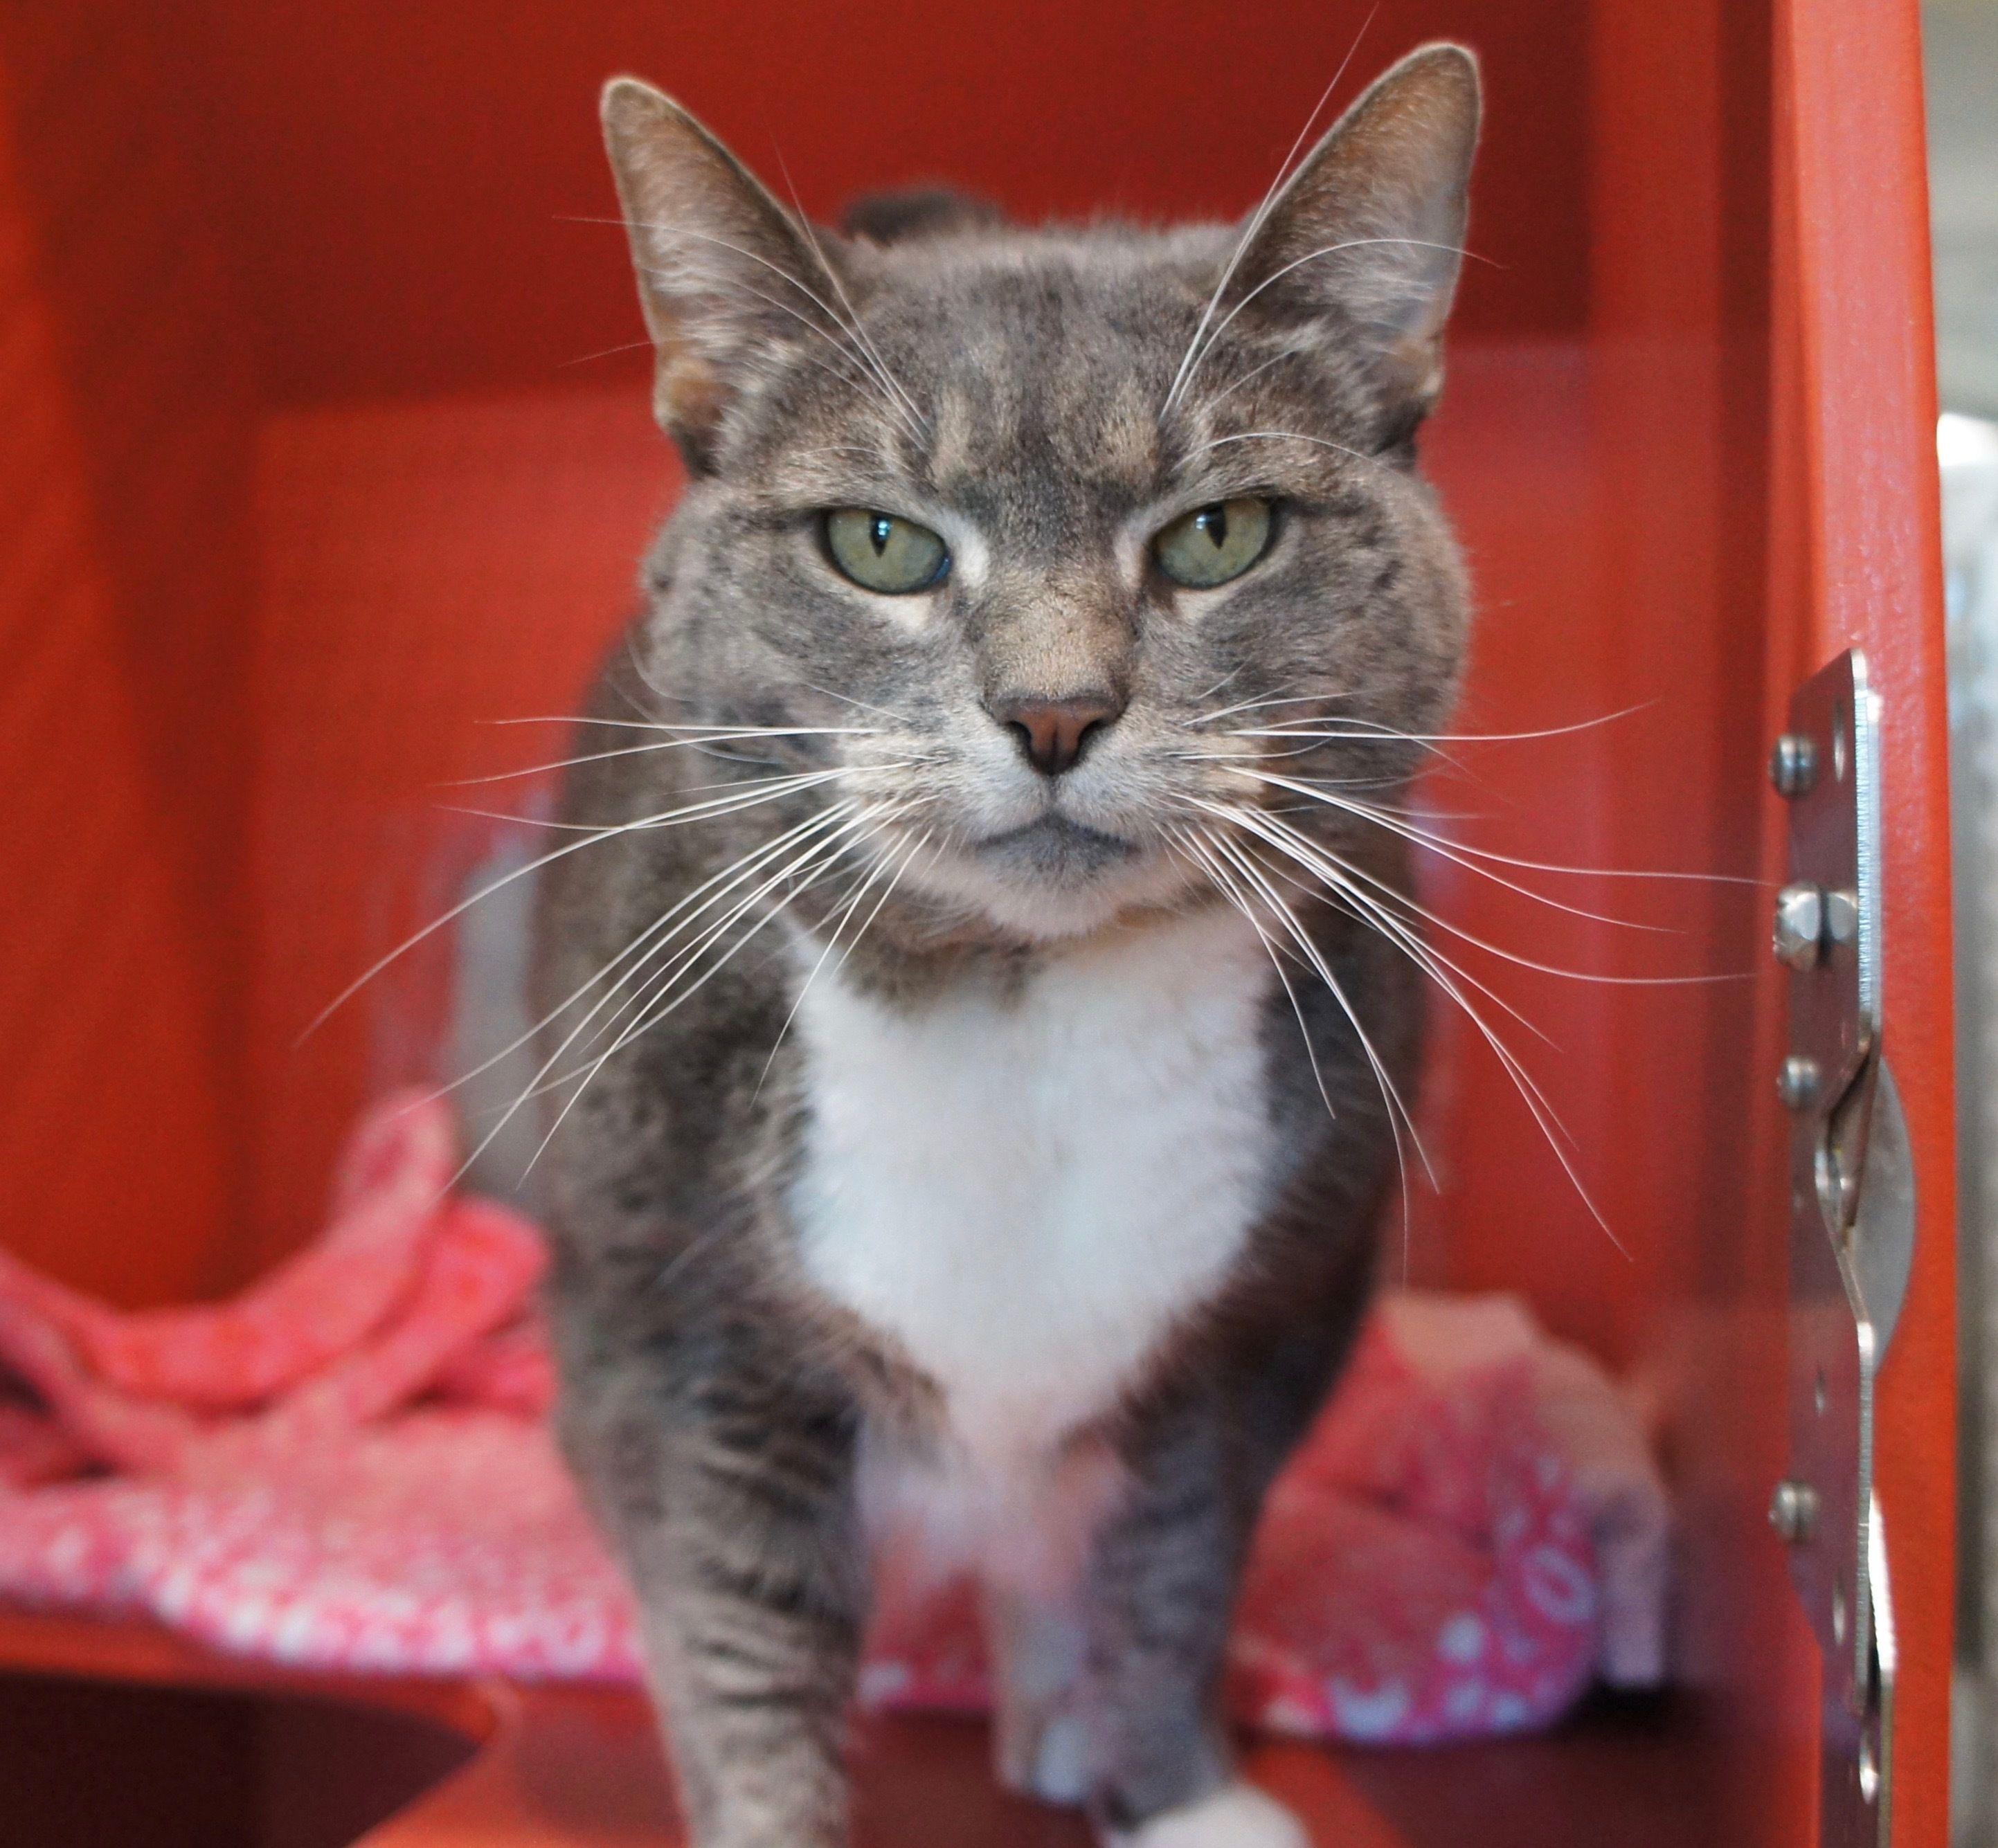 Meet TIGGER, a Cat, at MSPCA Boston Animal Care and